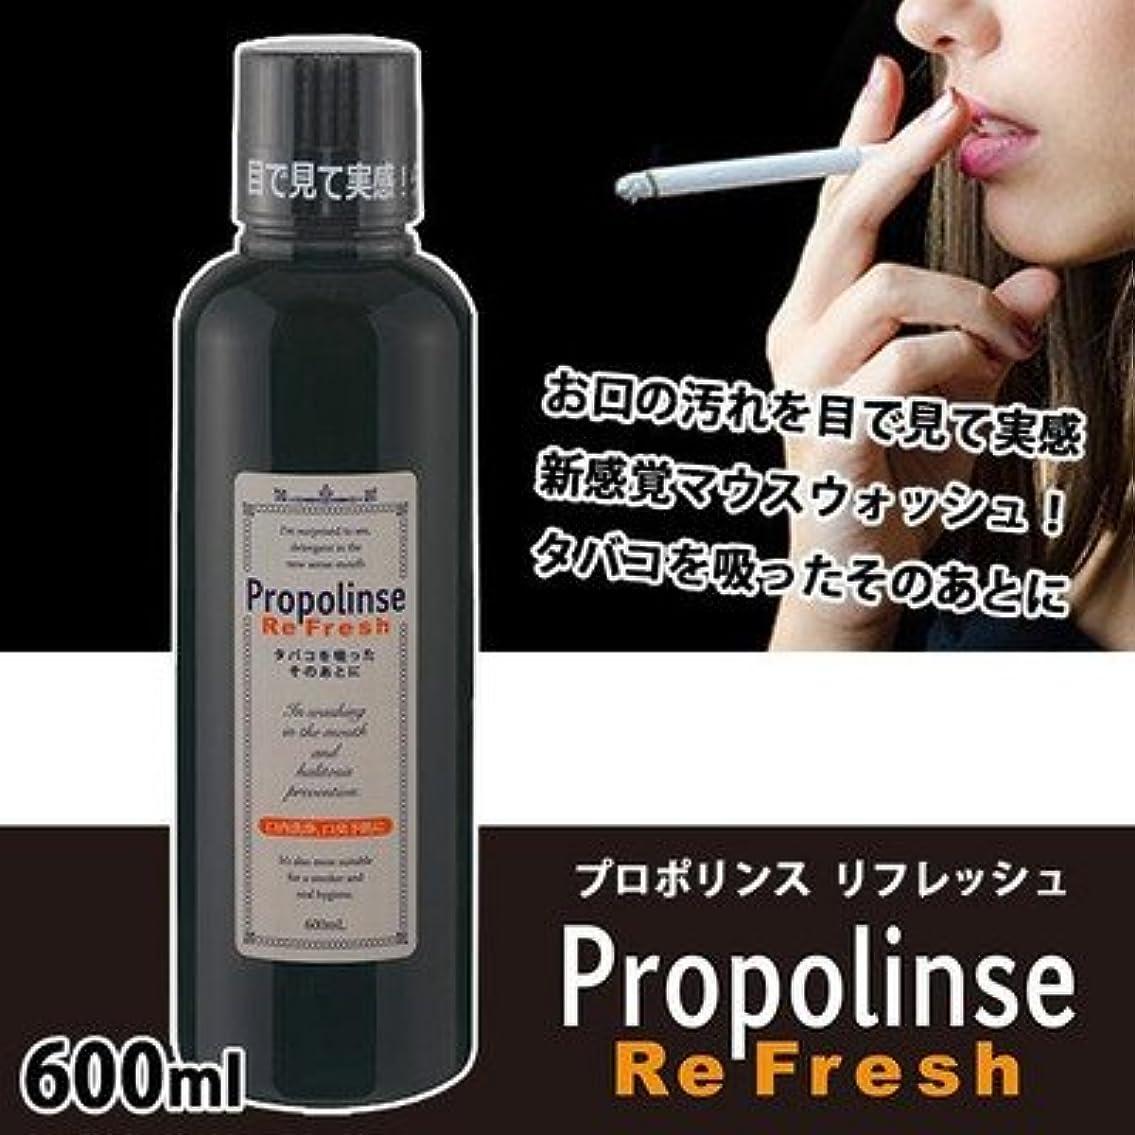 パット実質的にすすり泣きプロポリンス リフレッシュ (マウスウォッシュ) 600ml